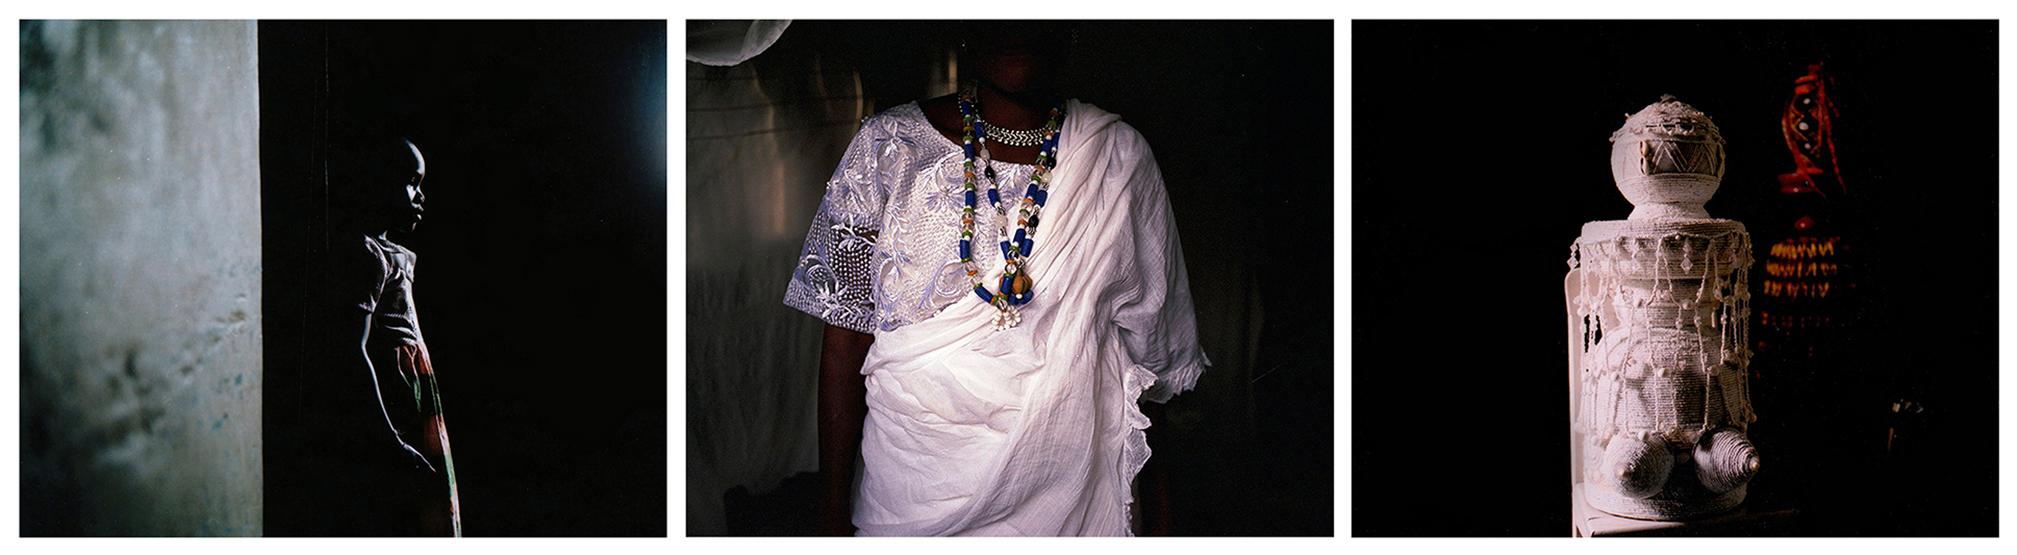 """Esther Oladele, 10 ans, est initiée à l'orisha appelé Obatala. Dans la mythologie yoruba, Obatala, divinité de la sagesse et de la pureté, est marié à Yemoja. Mais ce n'est là que l'un des multiples 'chemins' de Yemoja. Les Yoruba (et les Fon) croient en la réincarnation. Ainsi, tout comme les hommes, les orishas auraient eu plusieurs vies, plusieurs """"chemins"""" dont les enseignements sont relatés dans un immense corpus de données scientifiques, botaniques, sociologiques et mythologiques appelé Ifa. Ifa est présent das toute l'Afrique de l'Ouest et dans les Amériques. Ibadan, Nigéria, novembre 2018. © Laeïla Adjovi // Les perles jouent un grand rôle dans la religion des orishas du Nigéria, le vodun béninois, et aussi dans les rites afro-Cubains. Ici, Denandi Yehouessi, prêtresse de Mamiwata porte ses perles avant un rituel à la plage. Ouidah, Bénin, janvier 2019. © Laeïla Adjovi // Une grande tradition d'artisanat de perles a d'ailleurs traversé l'Atlantique. Ici, calebasse et mamelles proéminentes perlées de blanc constituent un autel pour Obatala à Cuba. Regla, Cuba, avril 2019 © Laeïla Adjovi"""